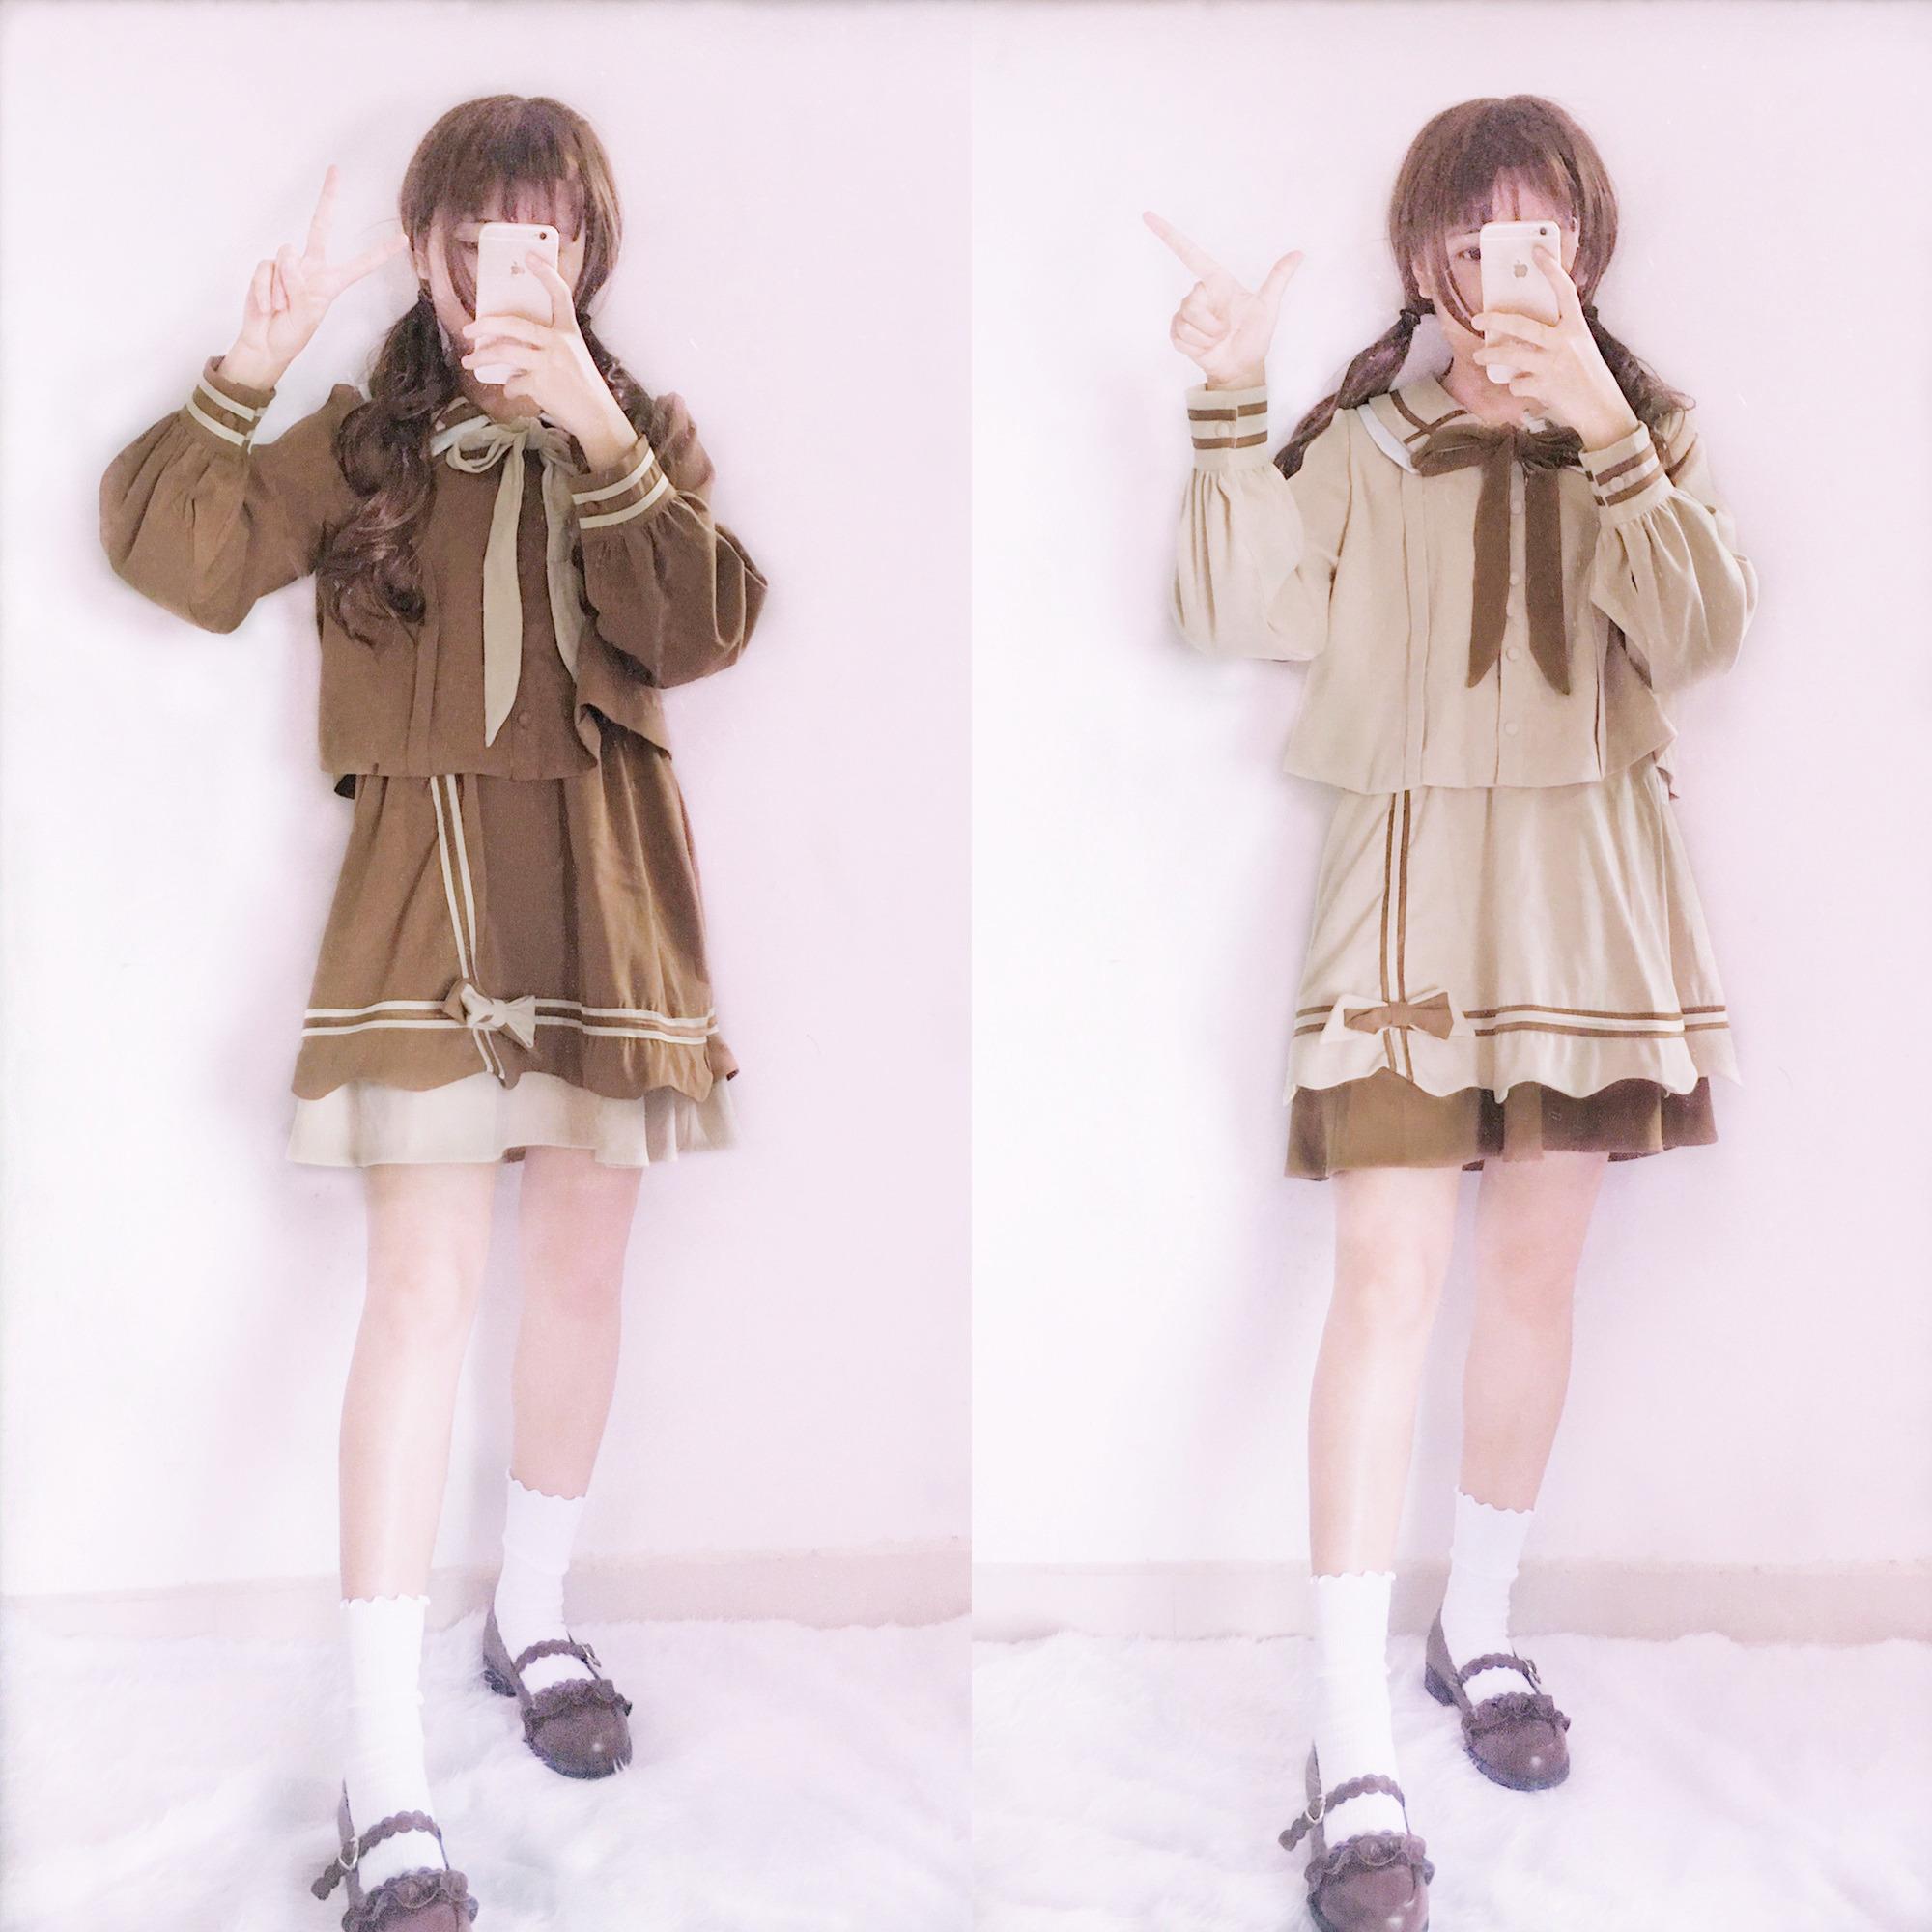 秋冬季日系软妹服甜美可爱lolita学院风学生jk制服套装裙两件套女